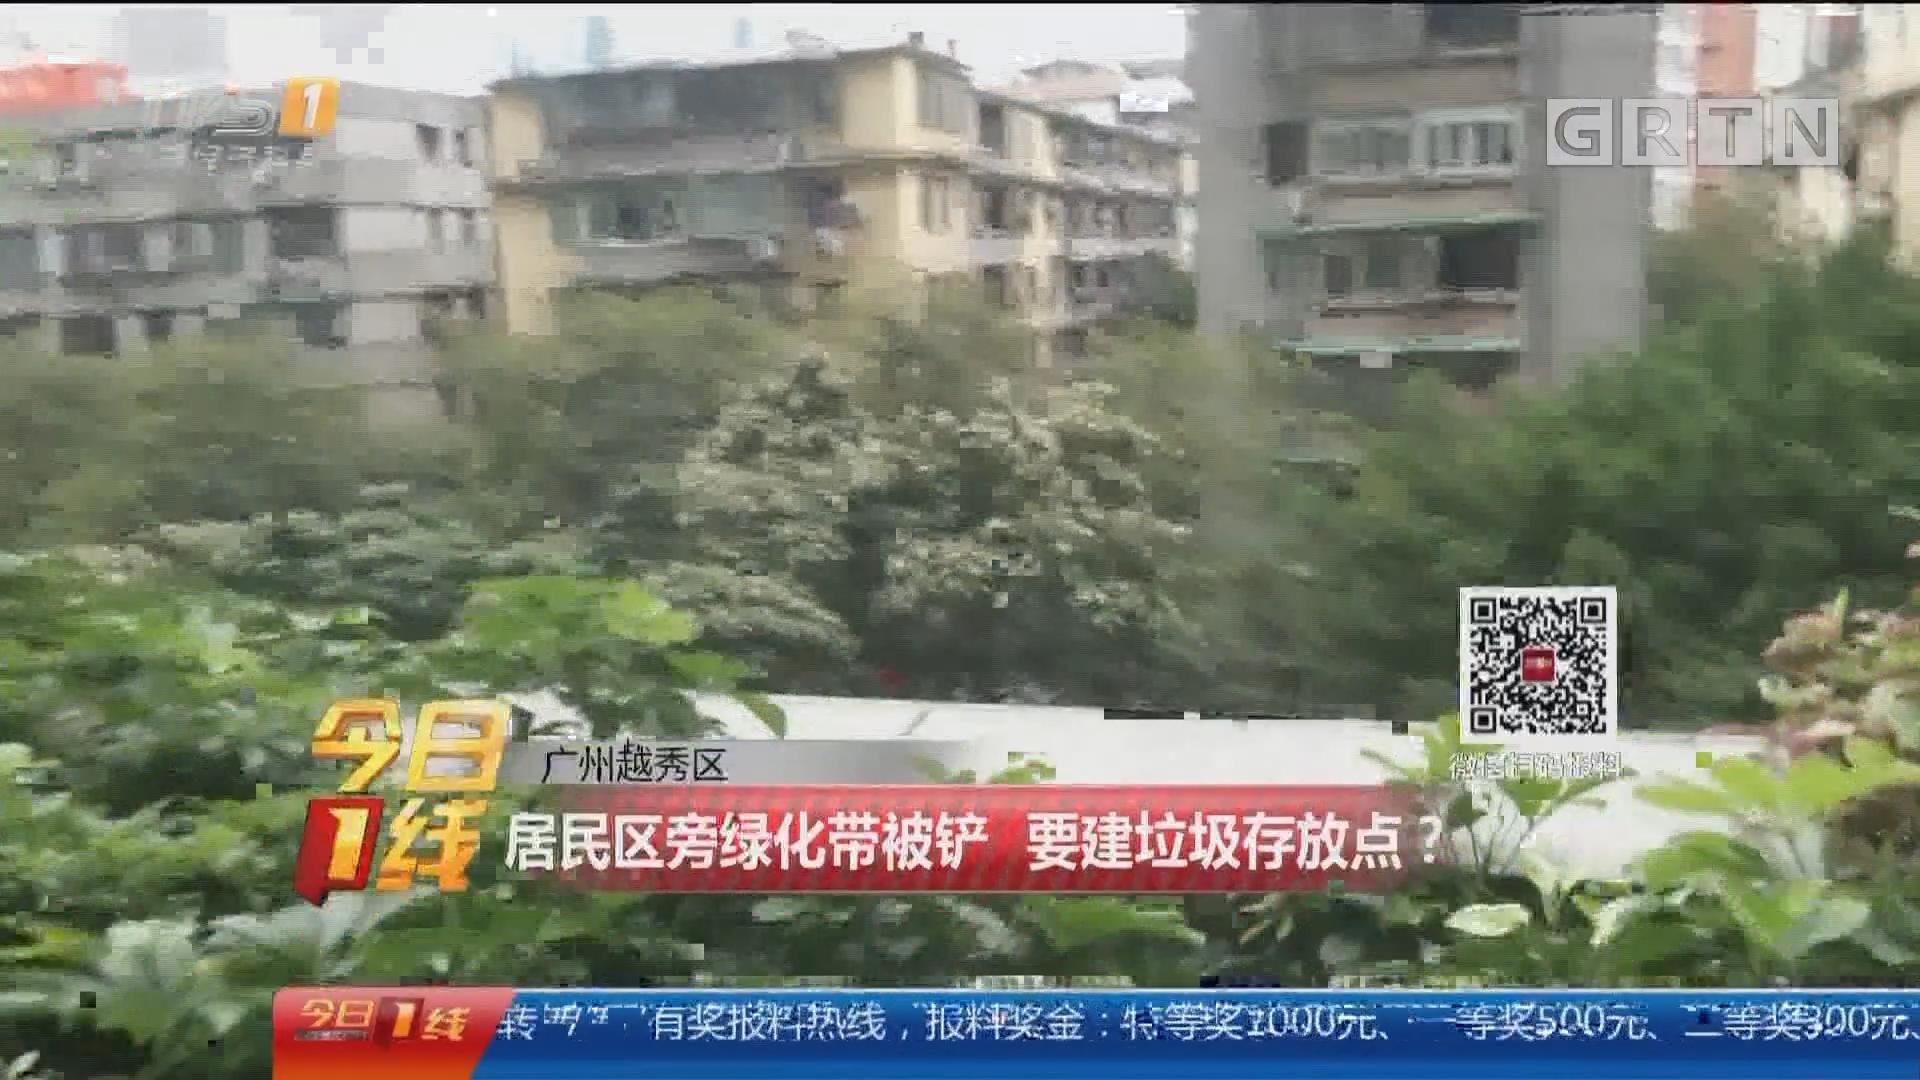 广州越秀区:居民区旁绿化带被铲 要建垃圾存放点?